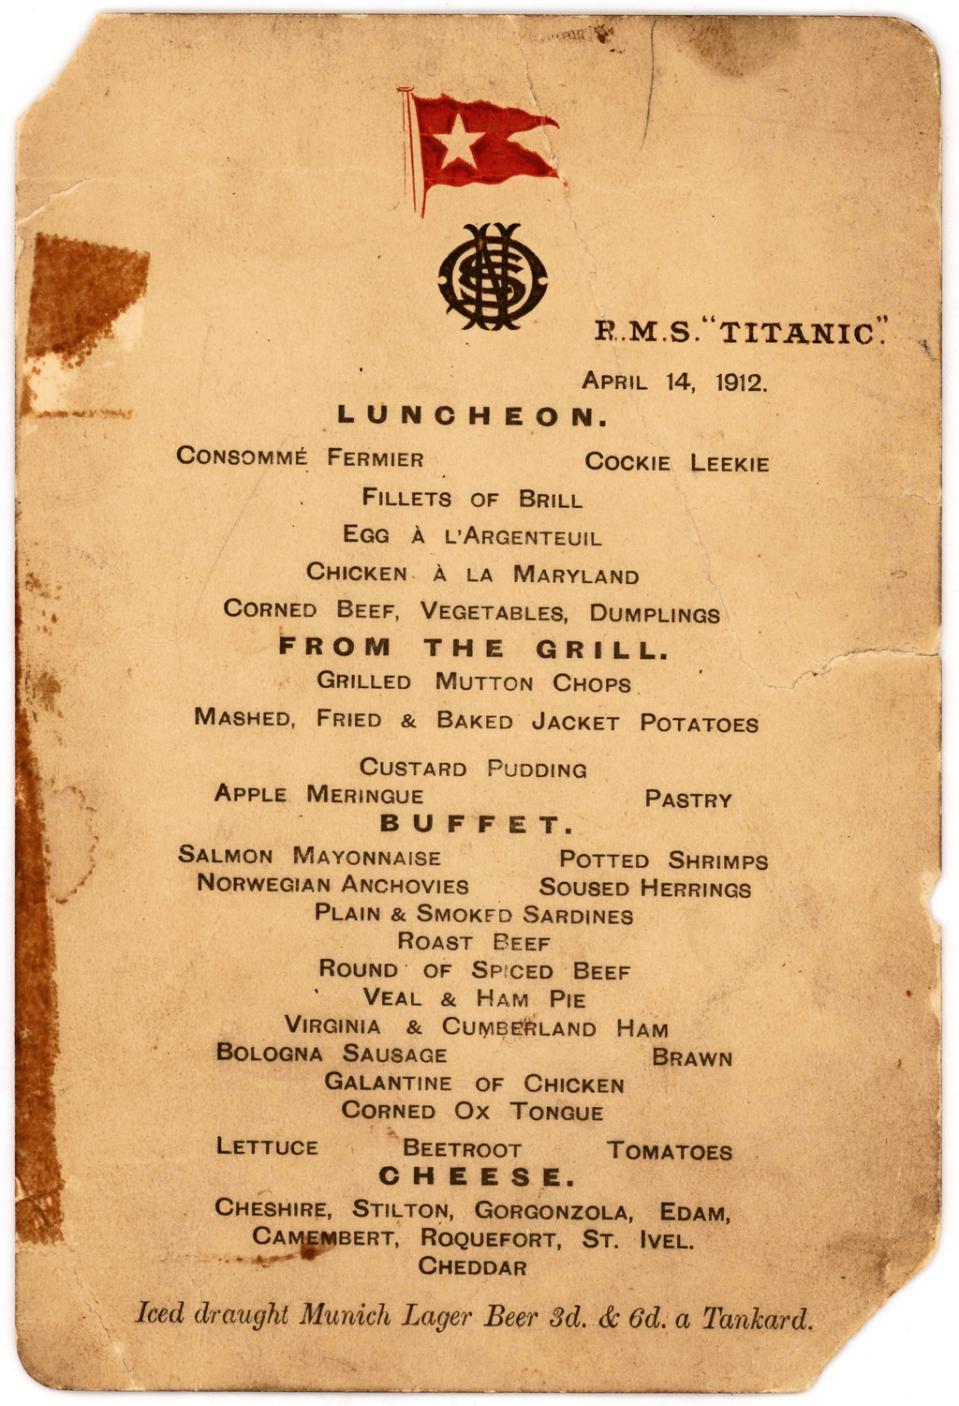 """这是泰坦尼克号上""""最后的午餐"""" 珍贵菜单将在纽约拍卖(图)_图1-1"""